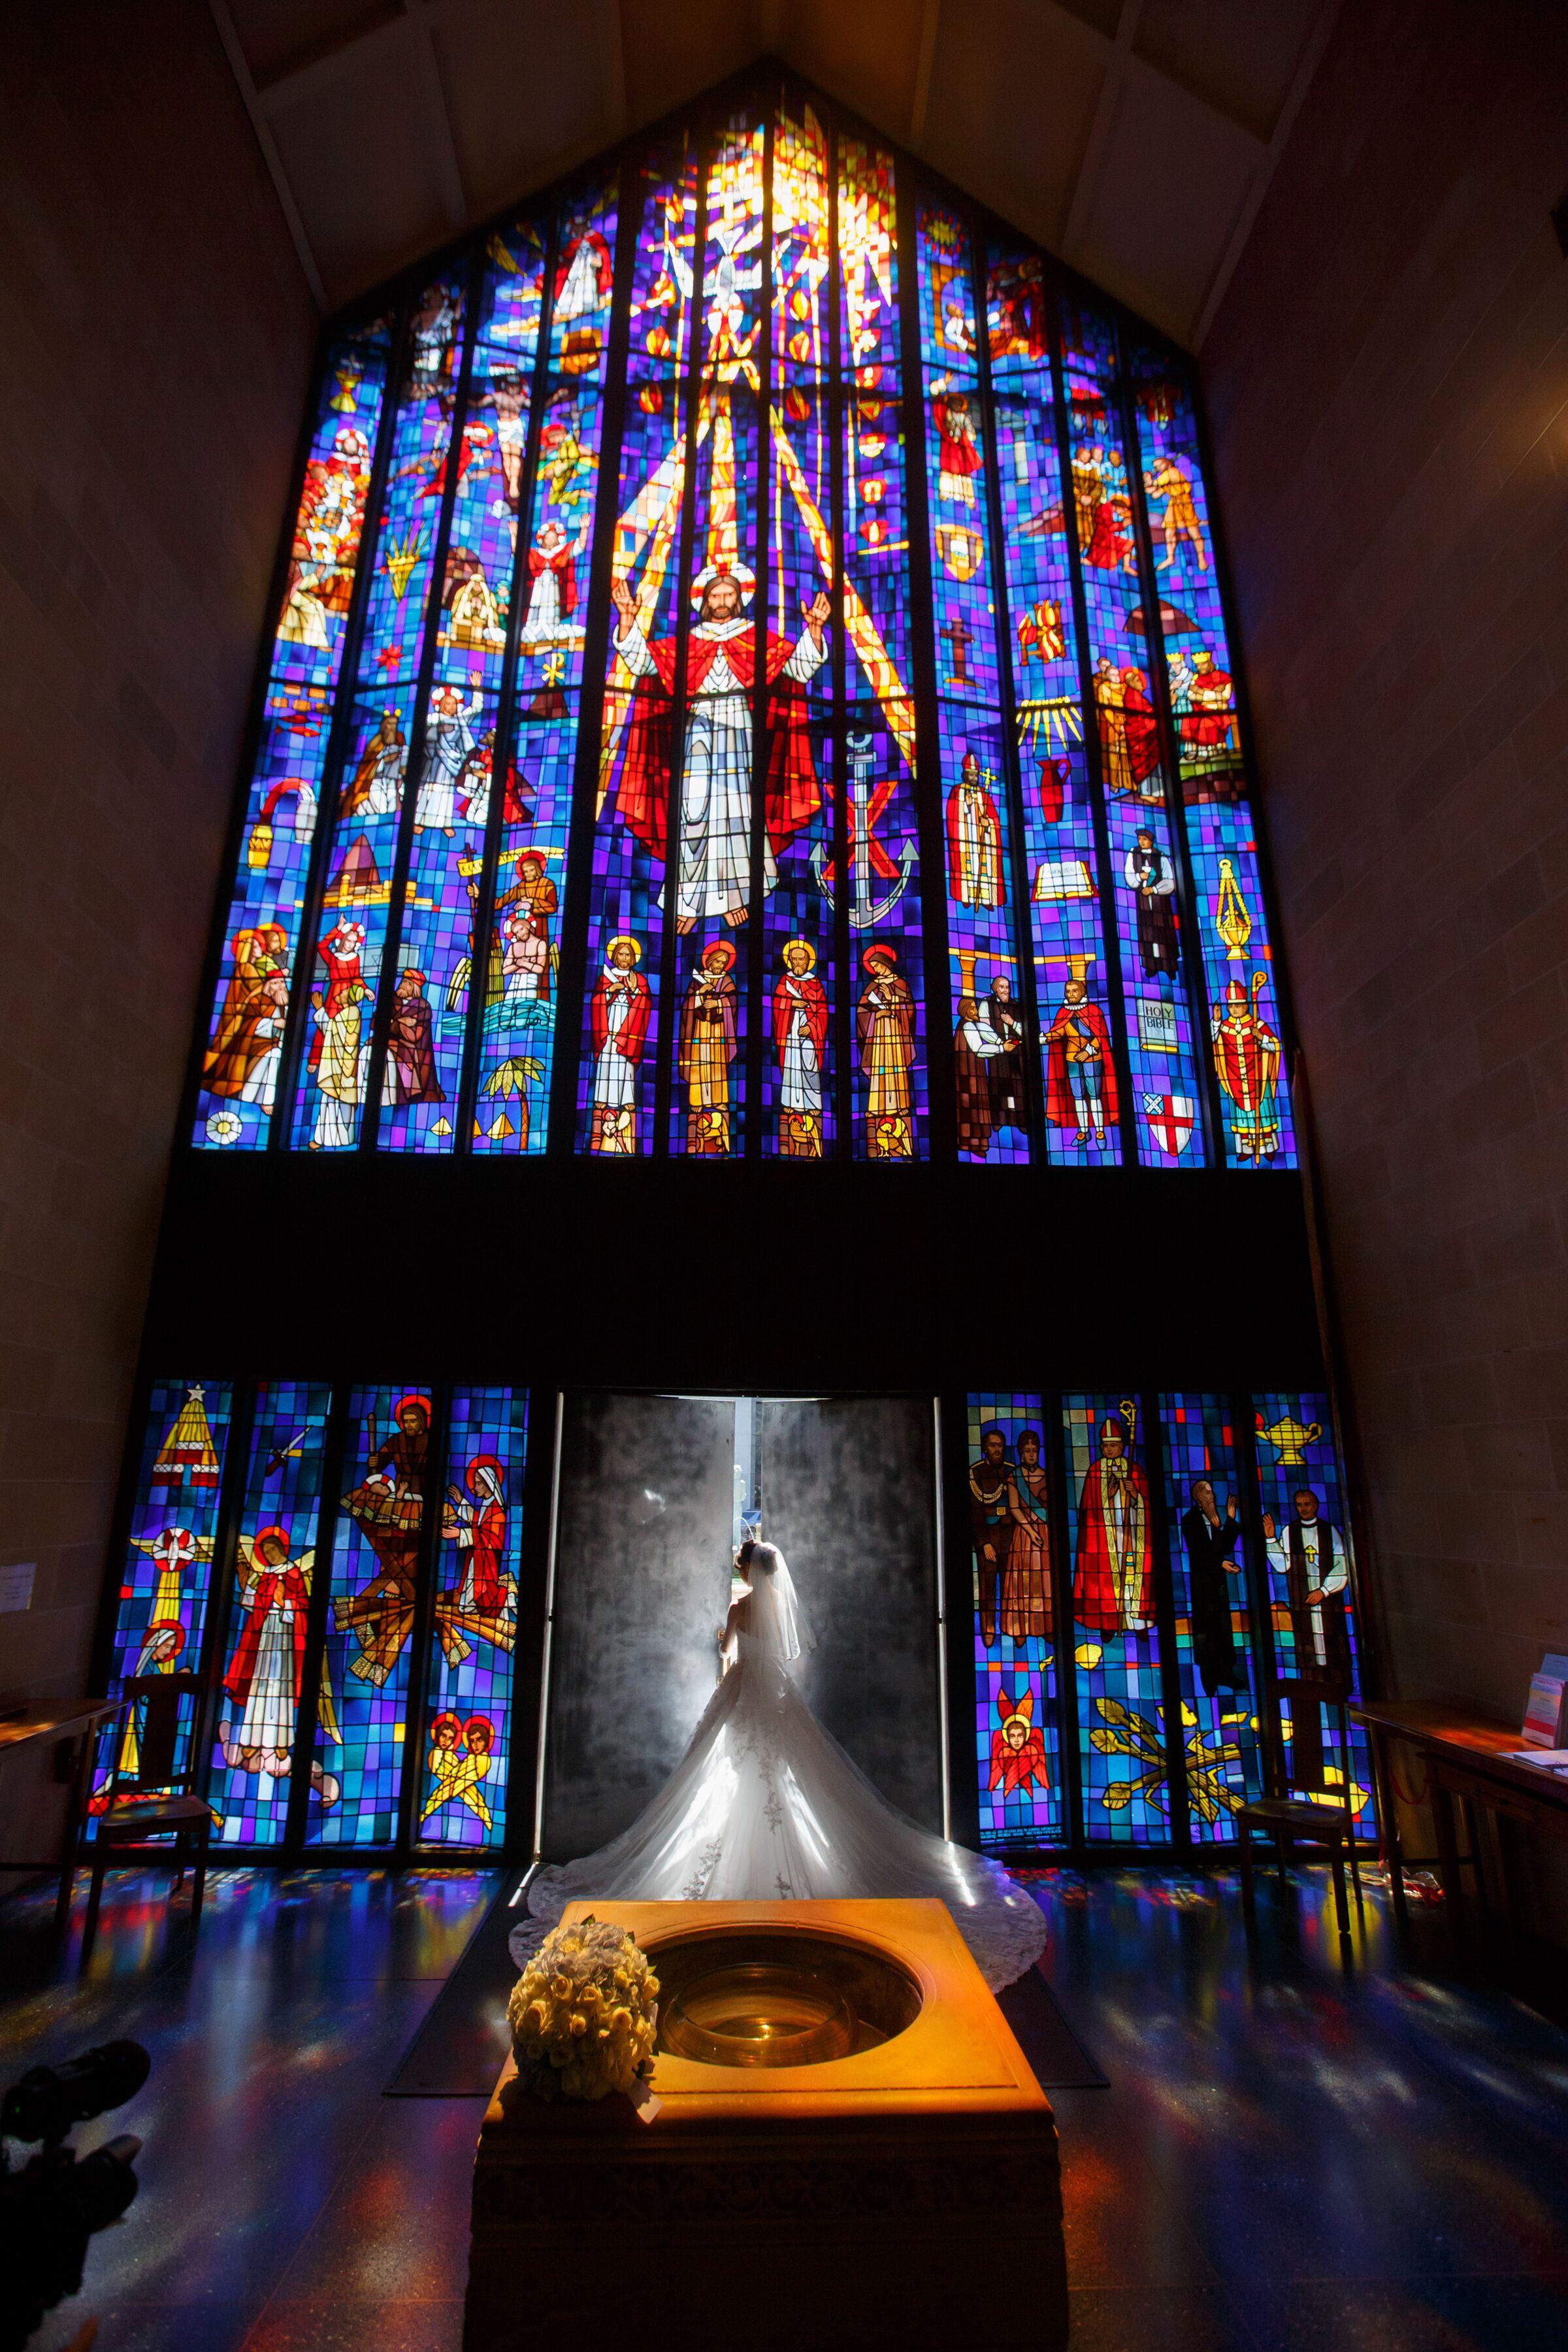 結婚式におすすめの式場・リング・ドレス・ブーケまとめ - 演出アイデアや先輩花嫁のウェディングレポもチェック_6